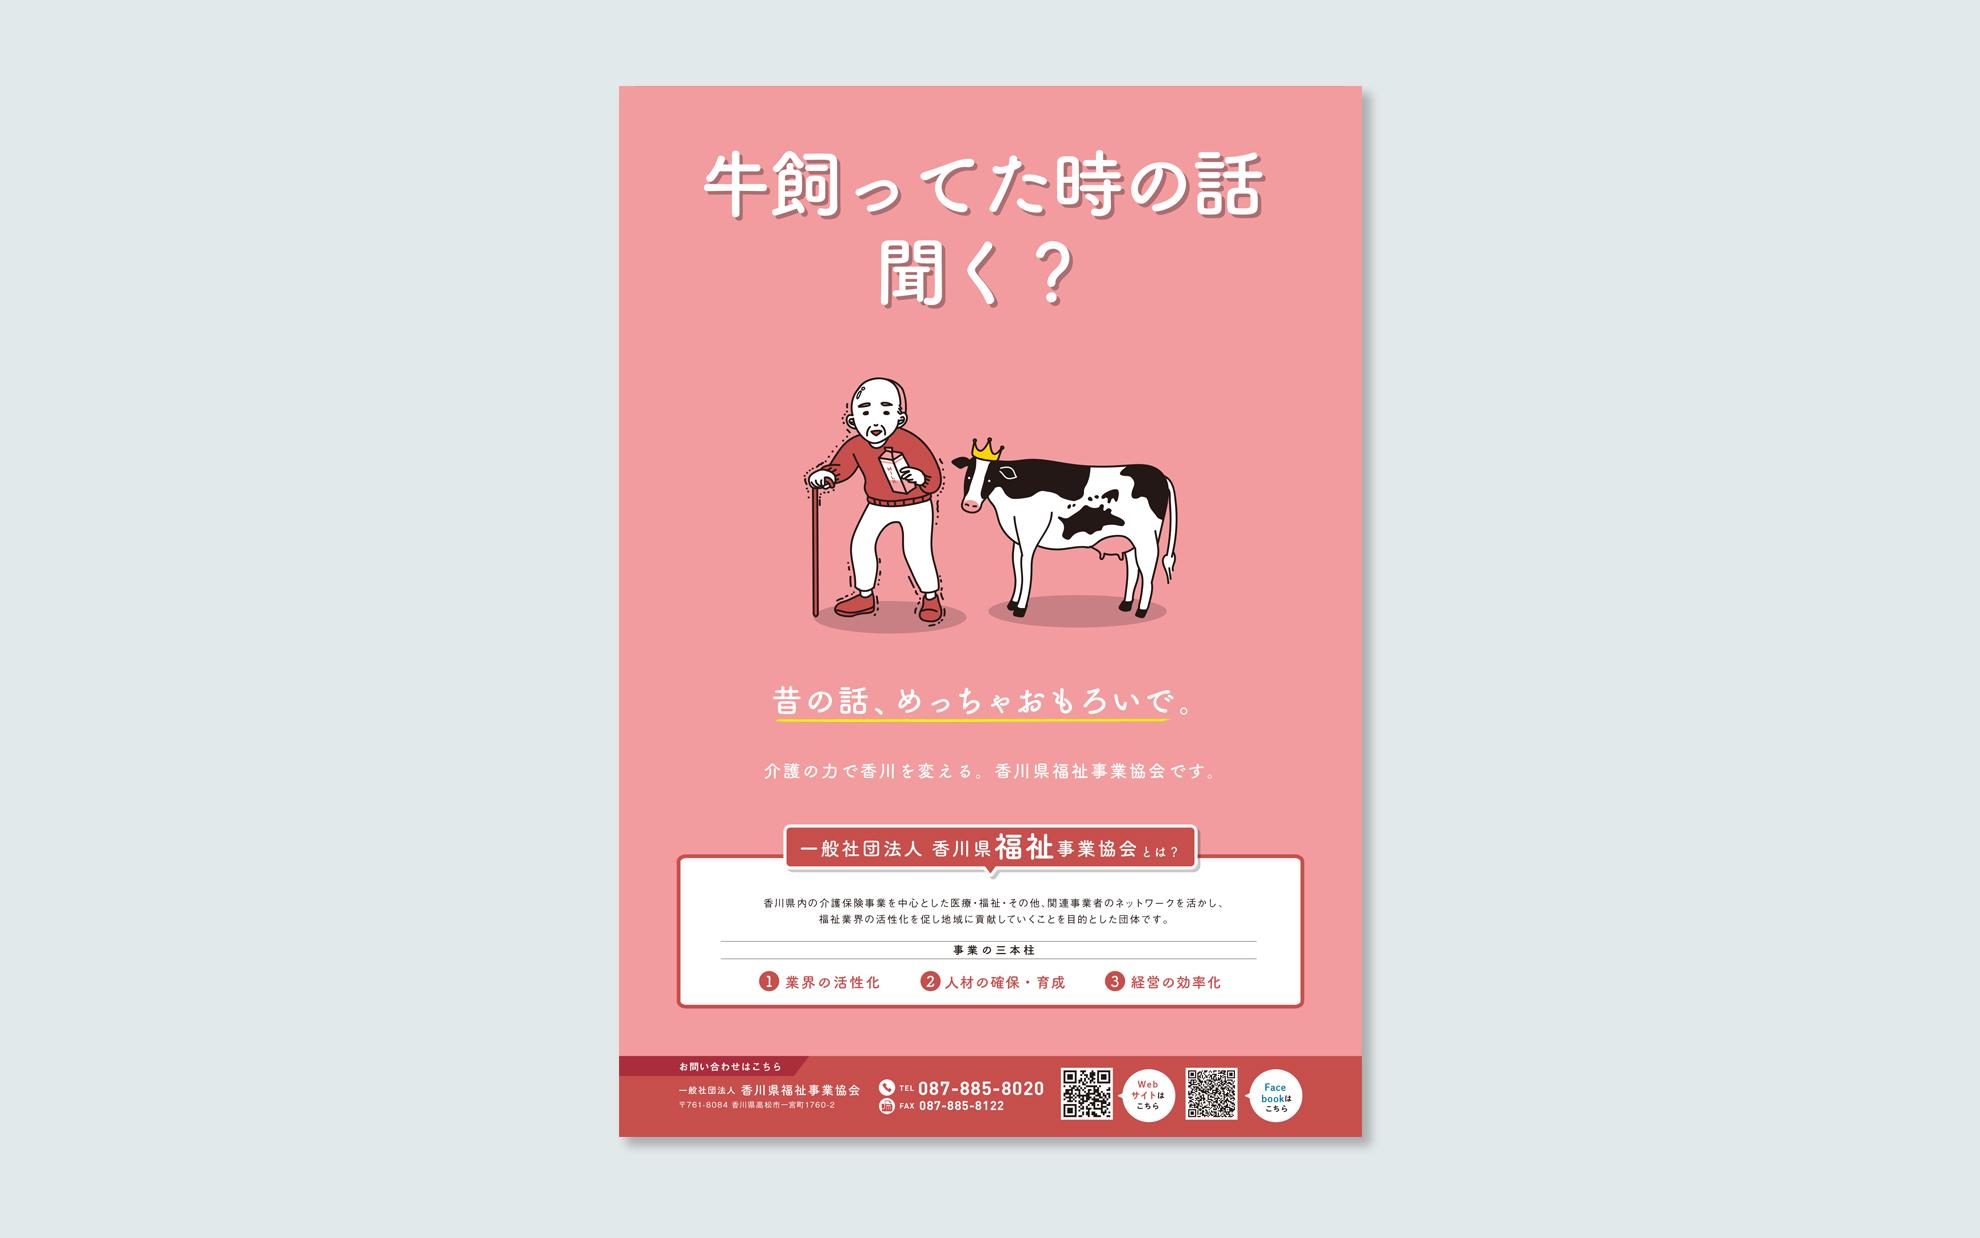 福祉事業協会ポスター